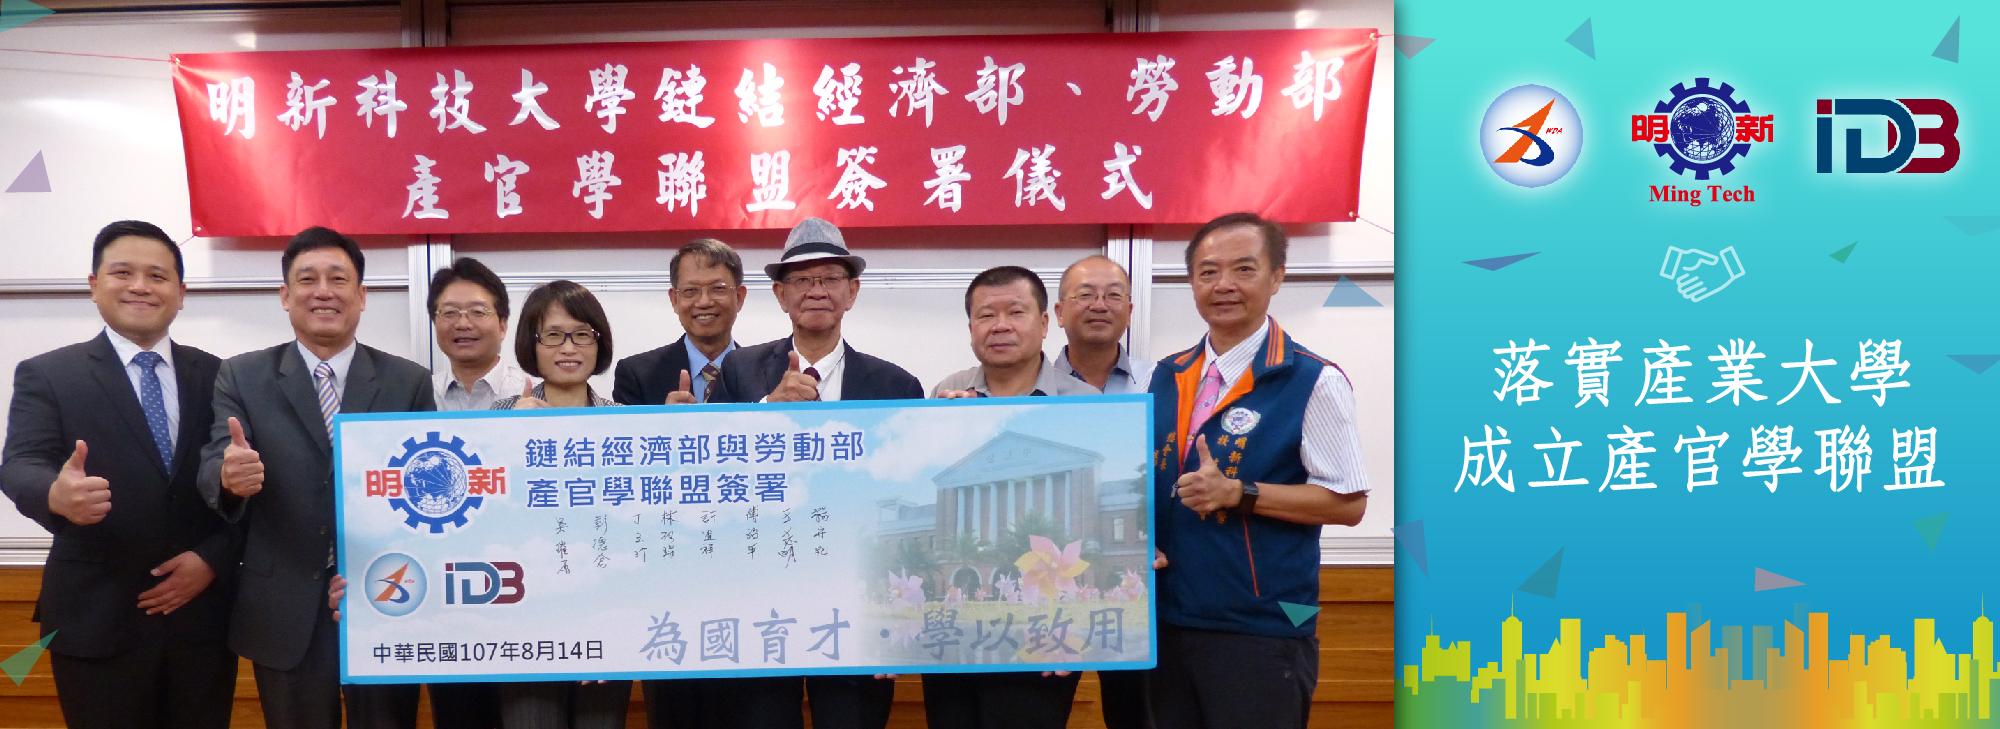 20180814  校首頁 研發處 明新科大連結經濟部、勞動部產官學聯盟簽署儀式